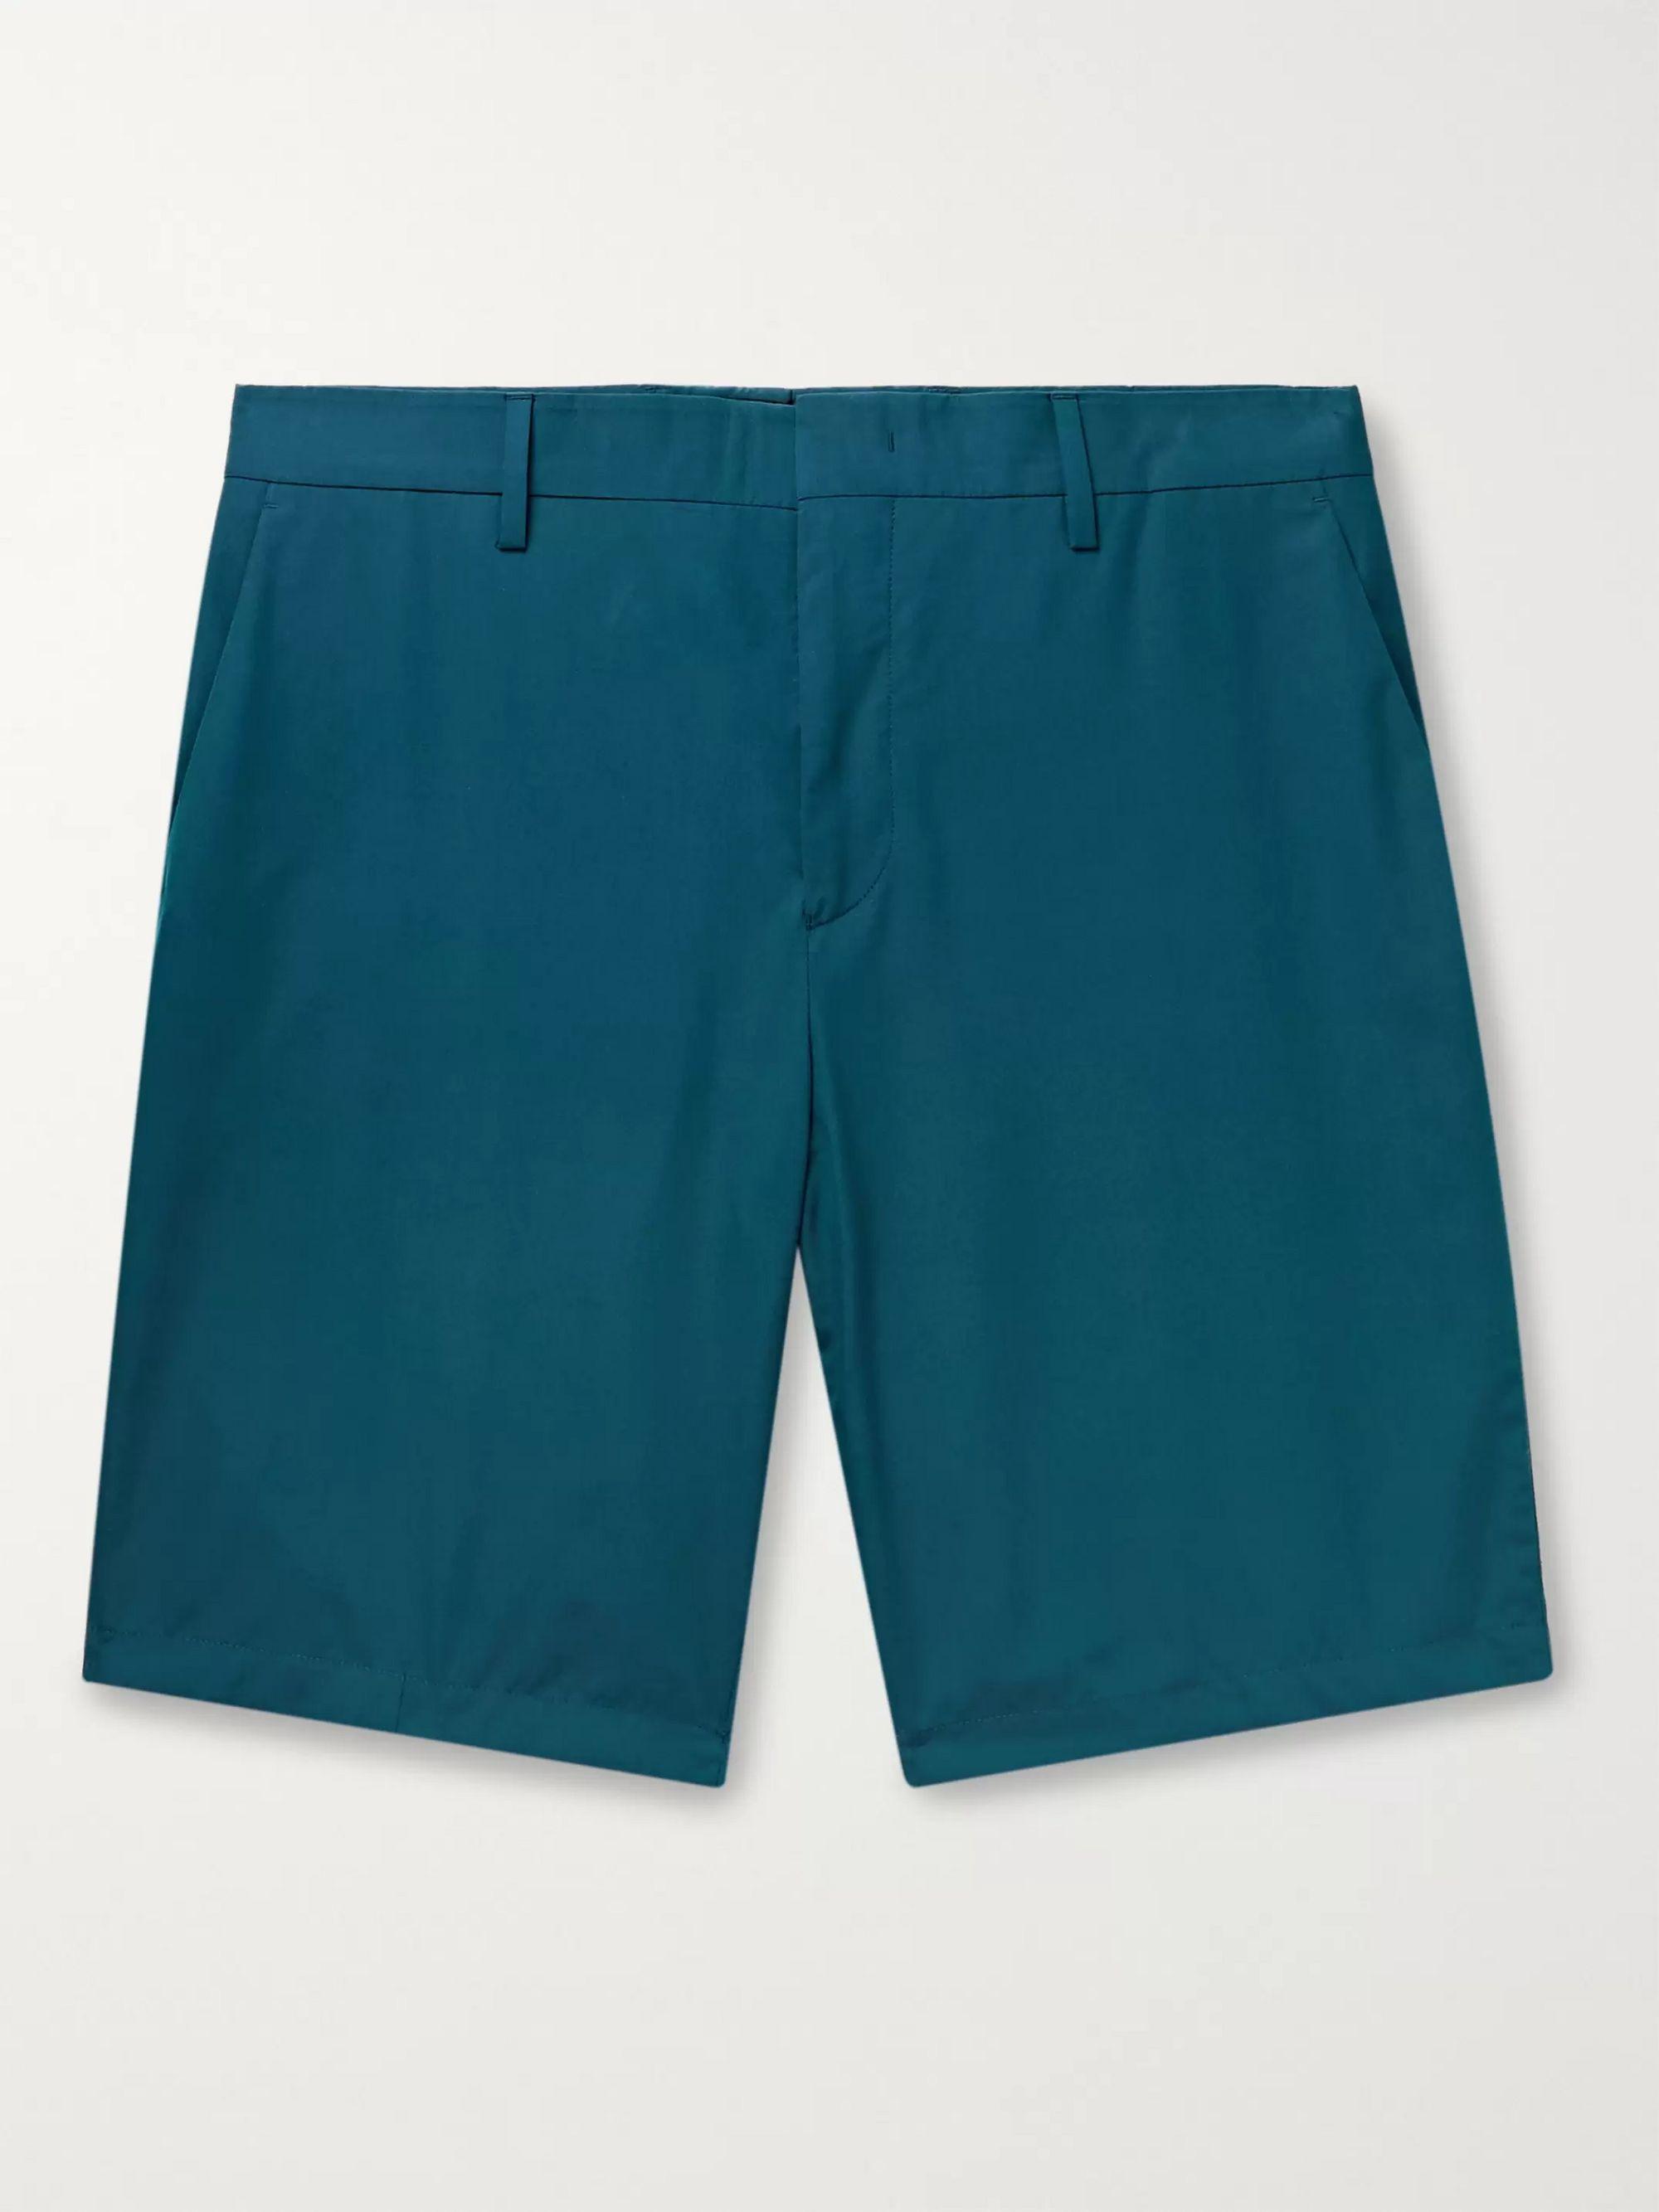 폴 스미스 Paul Smith Cotton Shorts,Teal